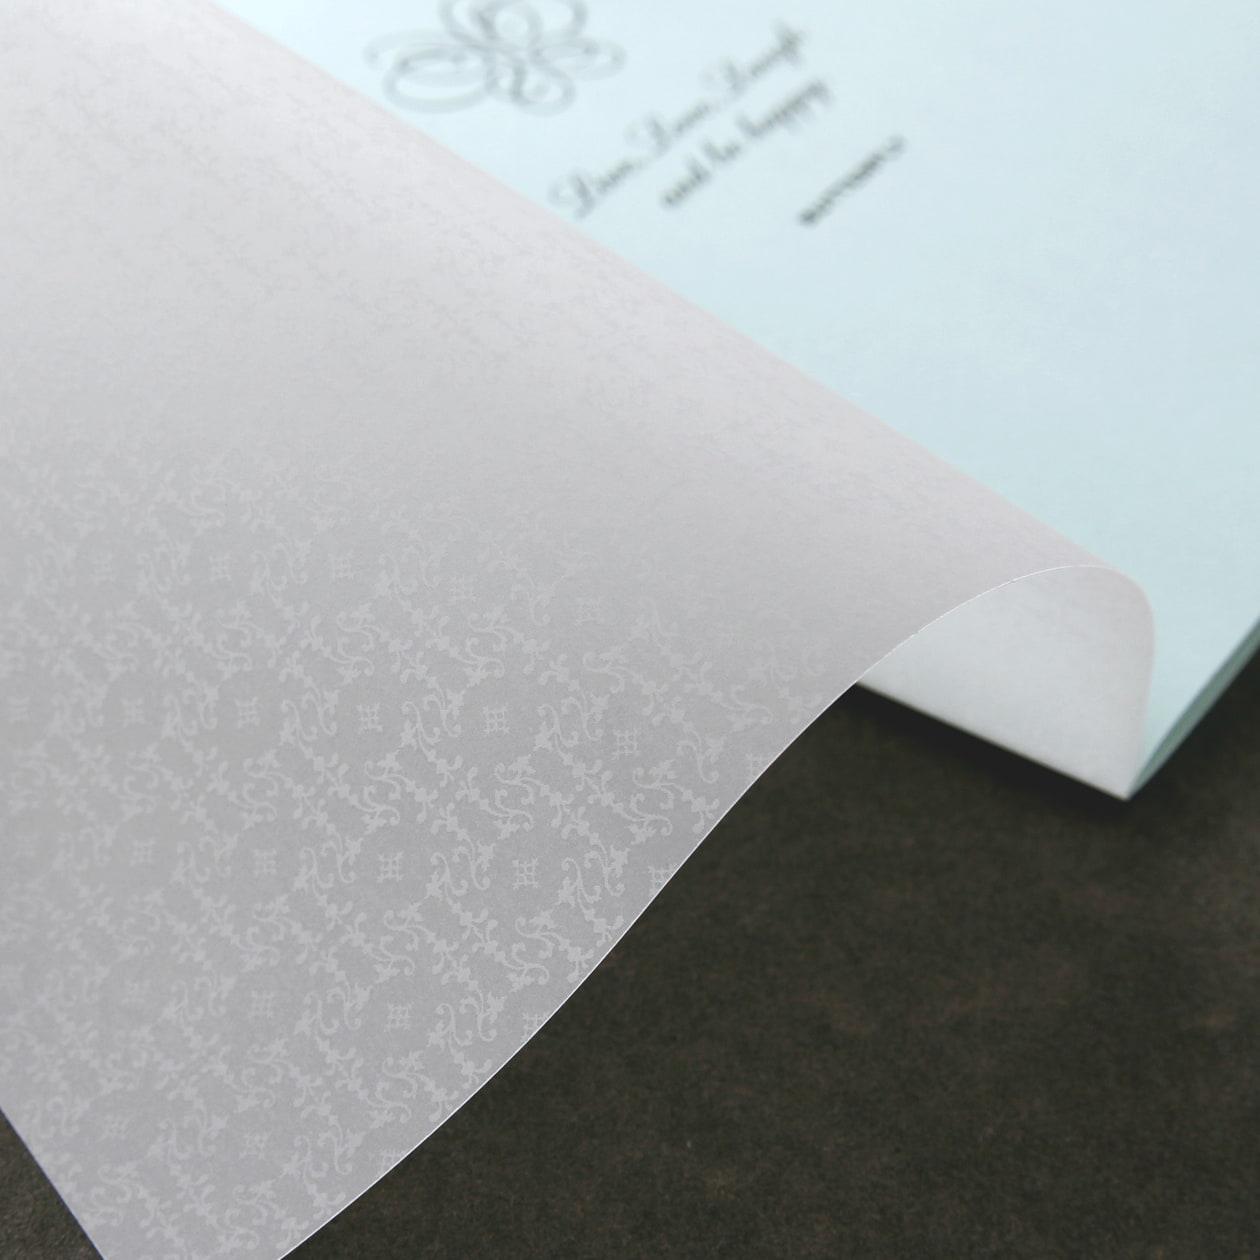 透け感のある表紙の冊子